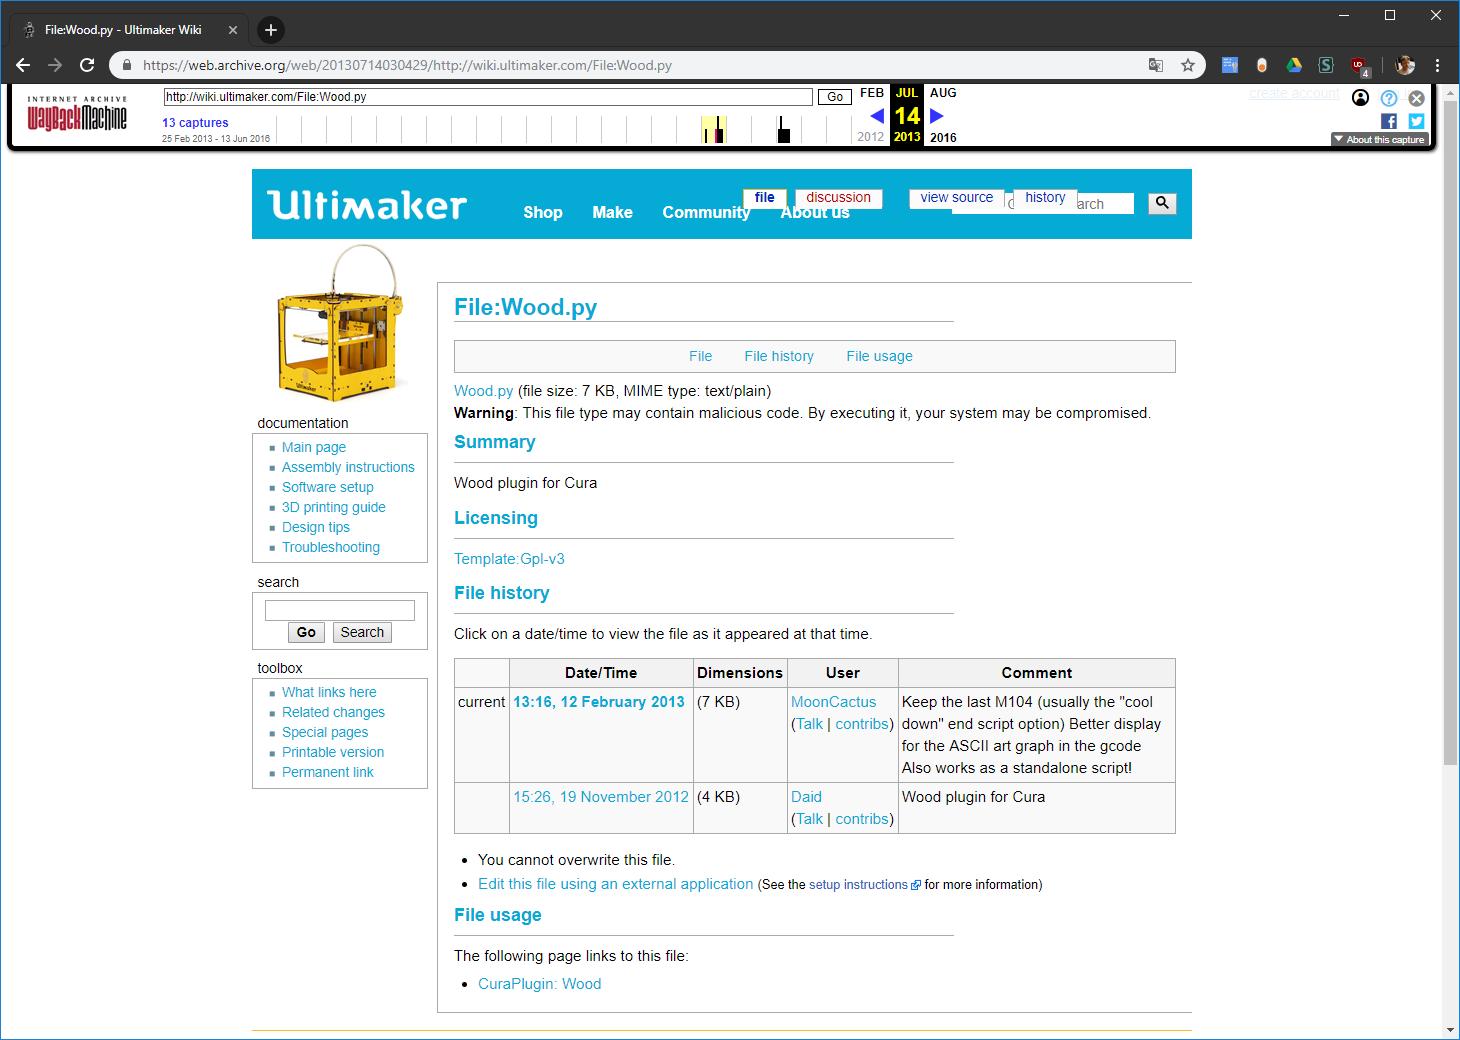 Screenshot der Seite wiki.ultimaker.com vom 14.07.2013